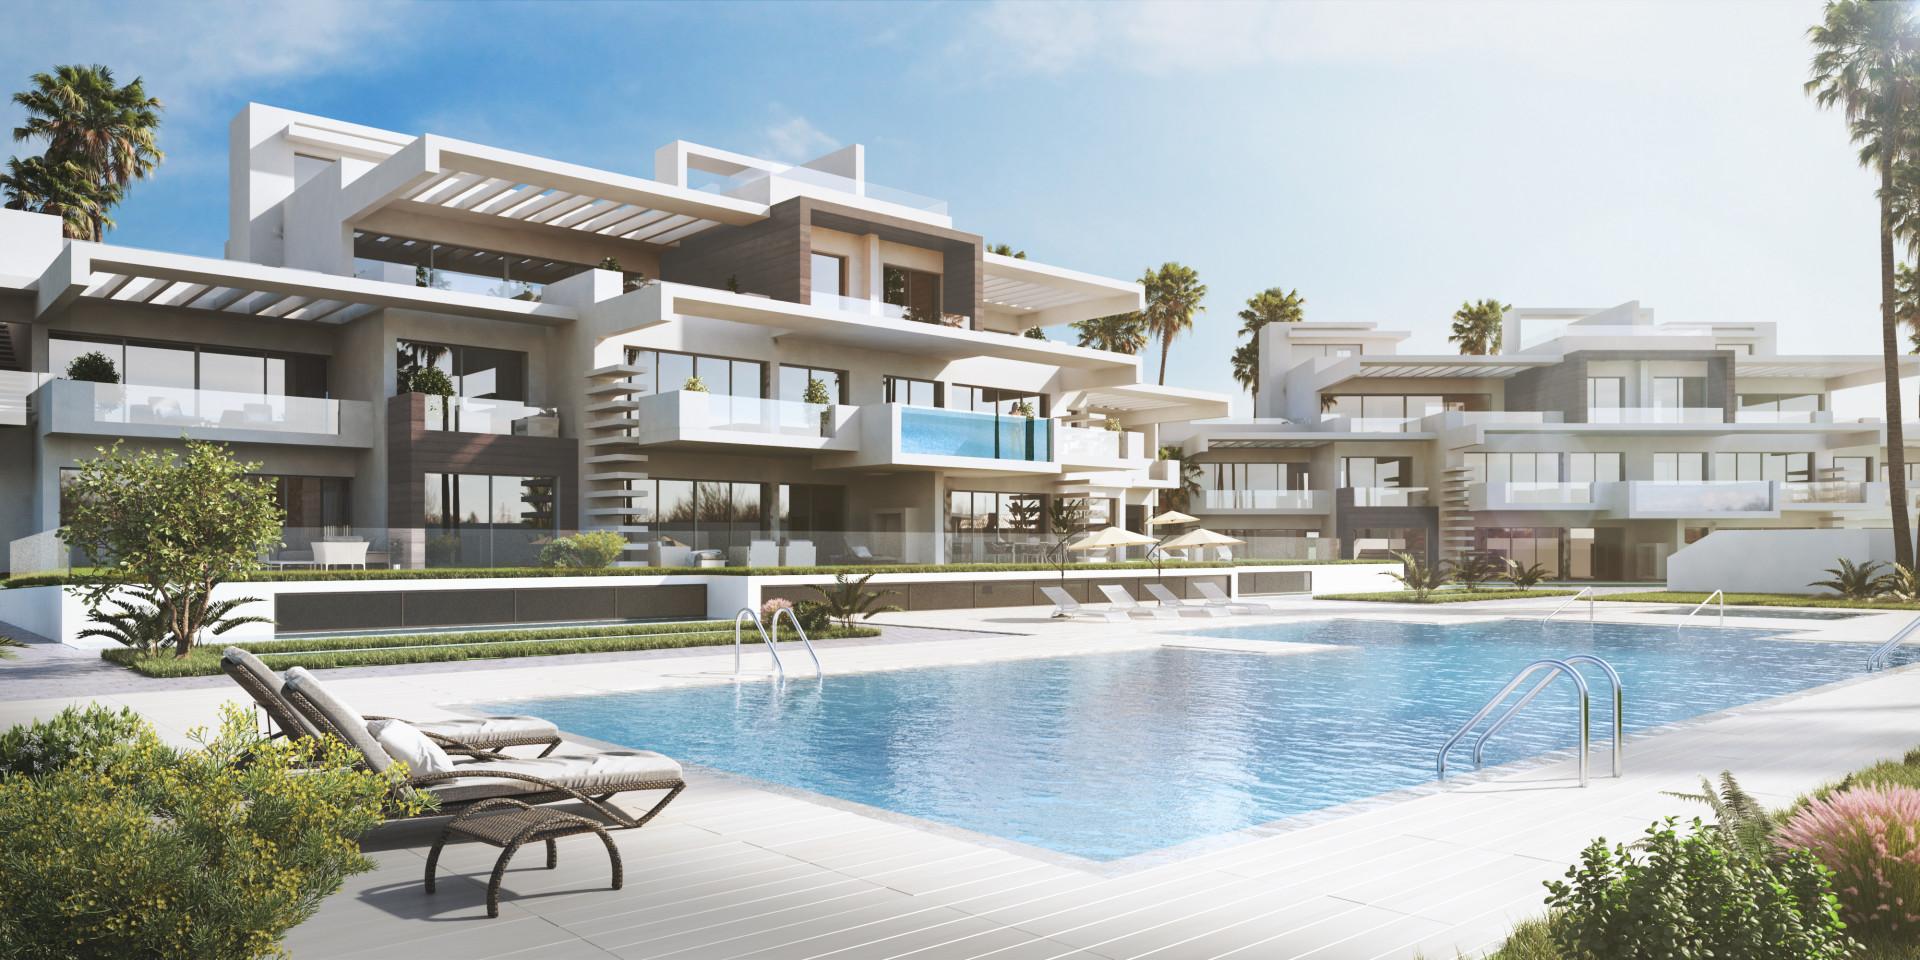 Nieuwbouw in Marbella Golden Mile (Spanje, Costa del Sol)